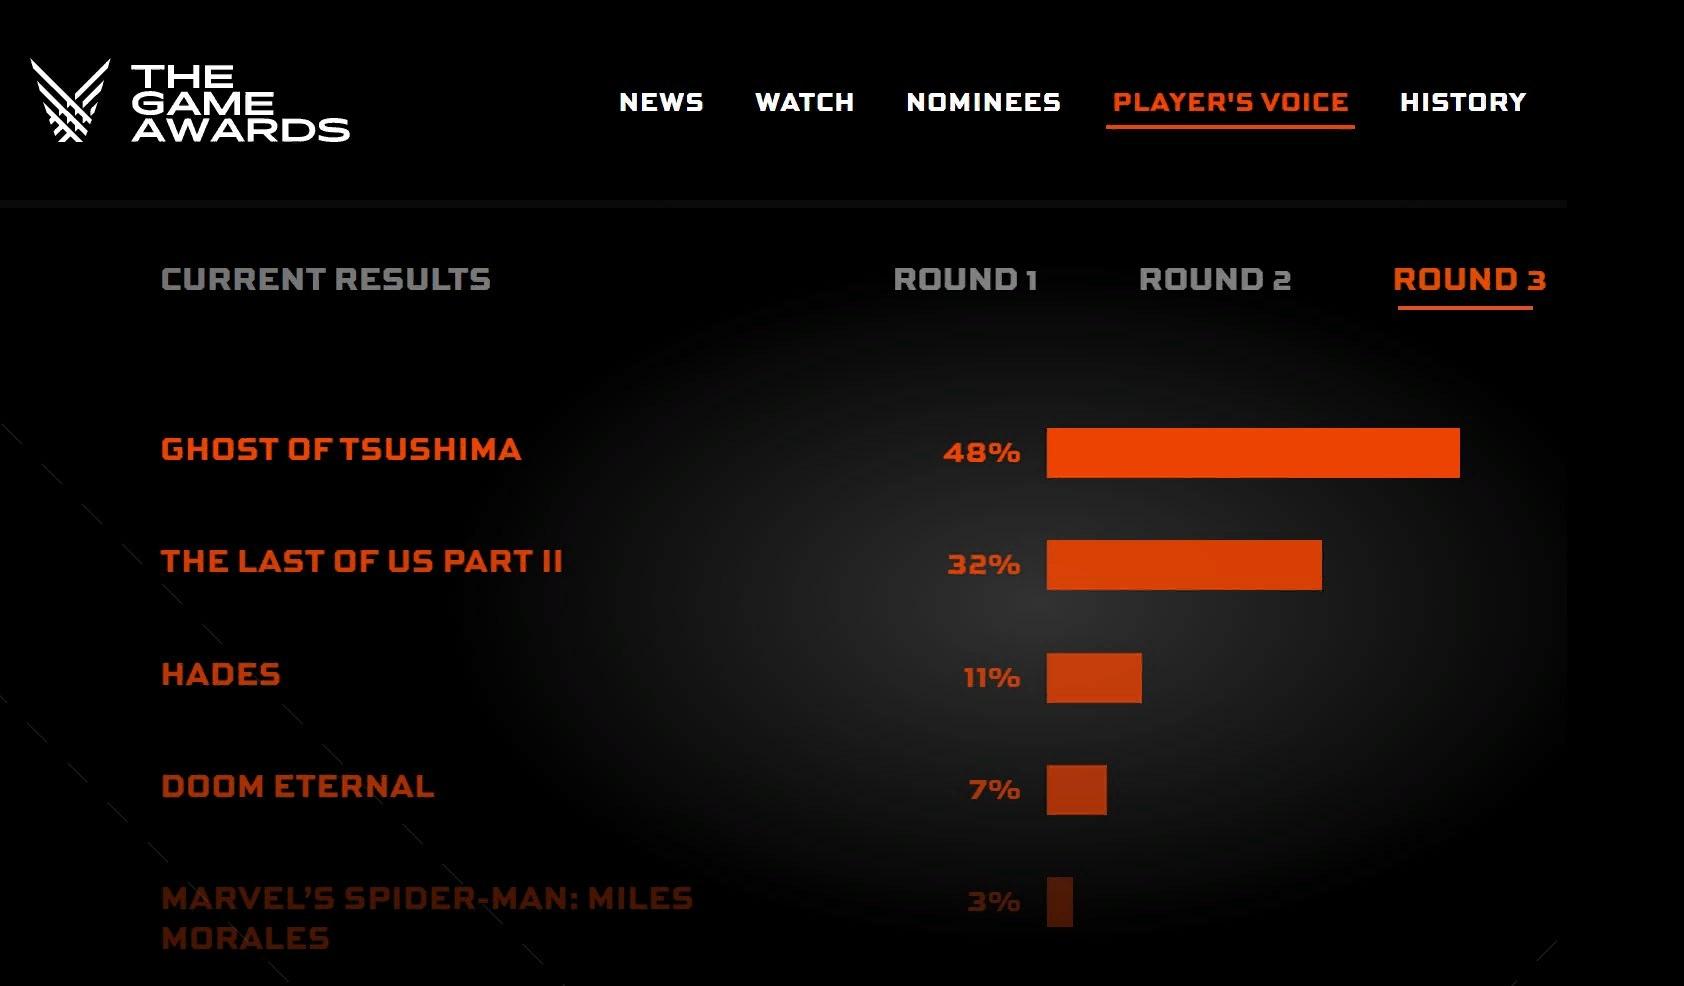 Ghost of Tsushima стала лучшей игрой The Game Awards 2020 по версии игроков